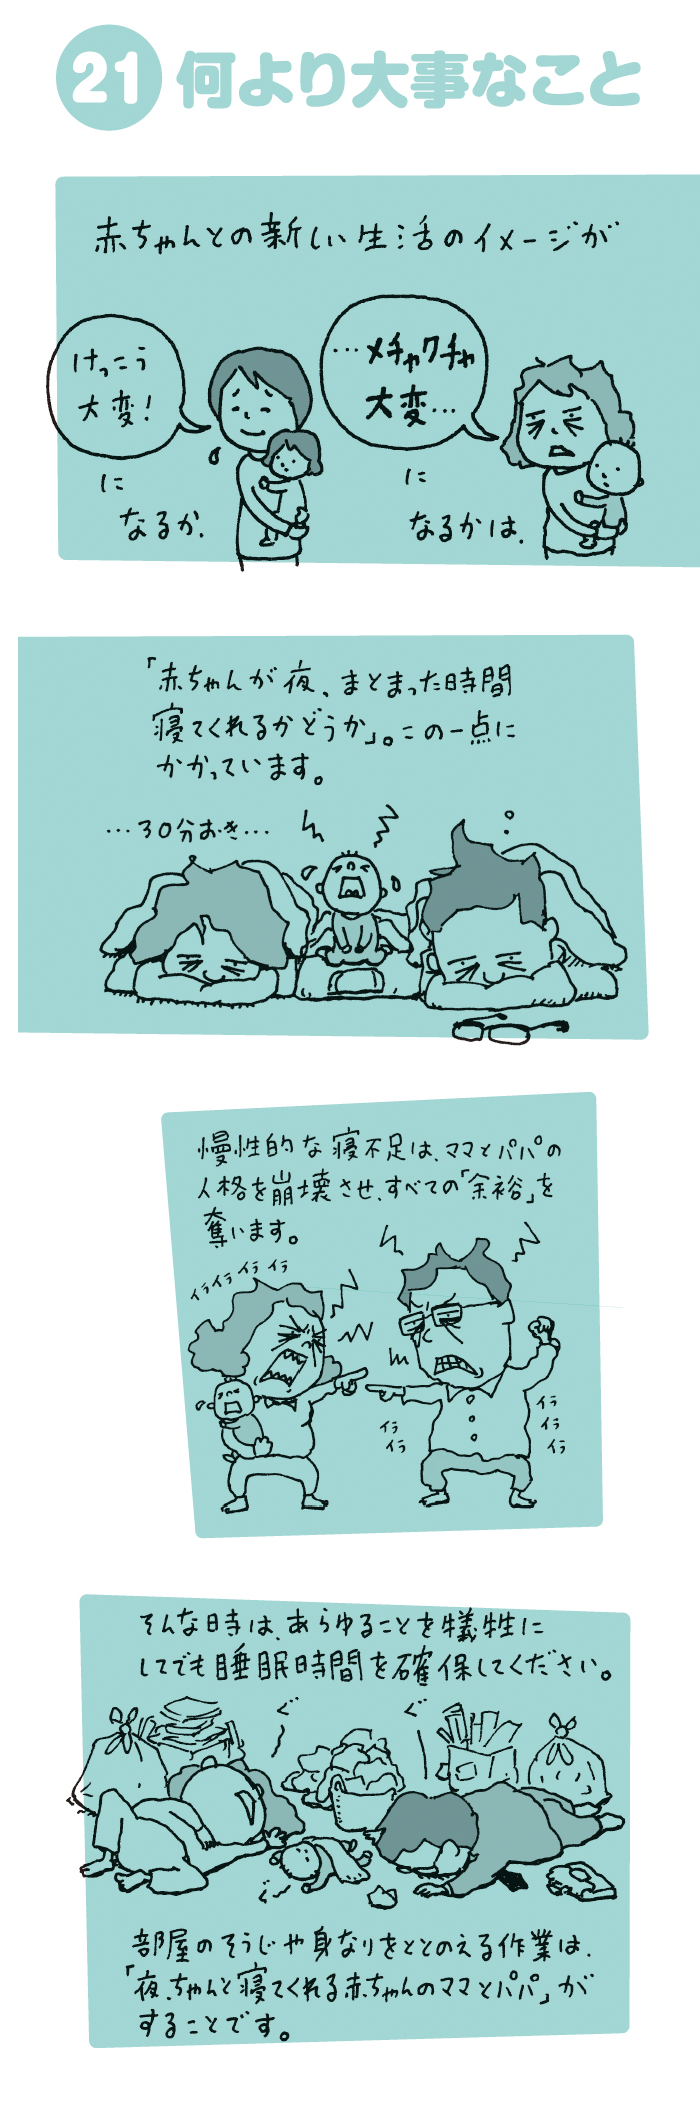 パパは共感、ママは落胆?!「ヨシタケシンスケ」さんの育児マンガが面白すぎる!の画像5